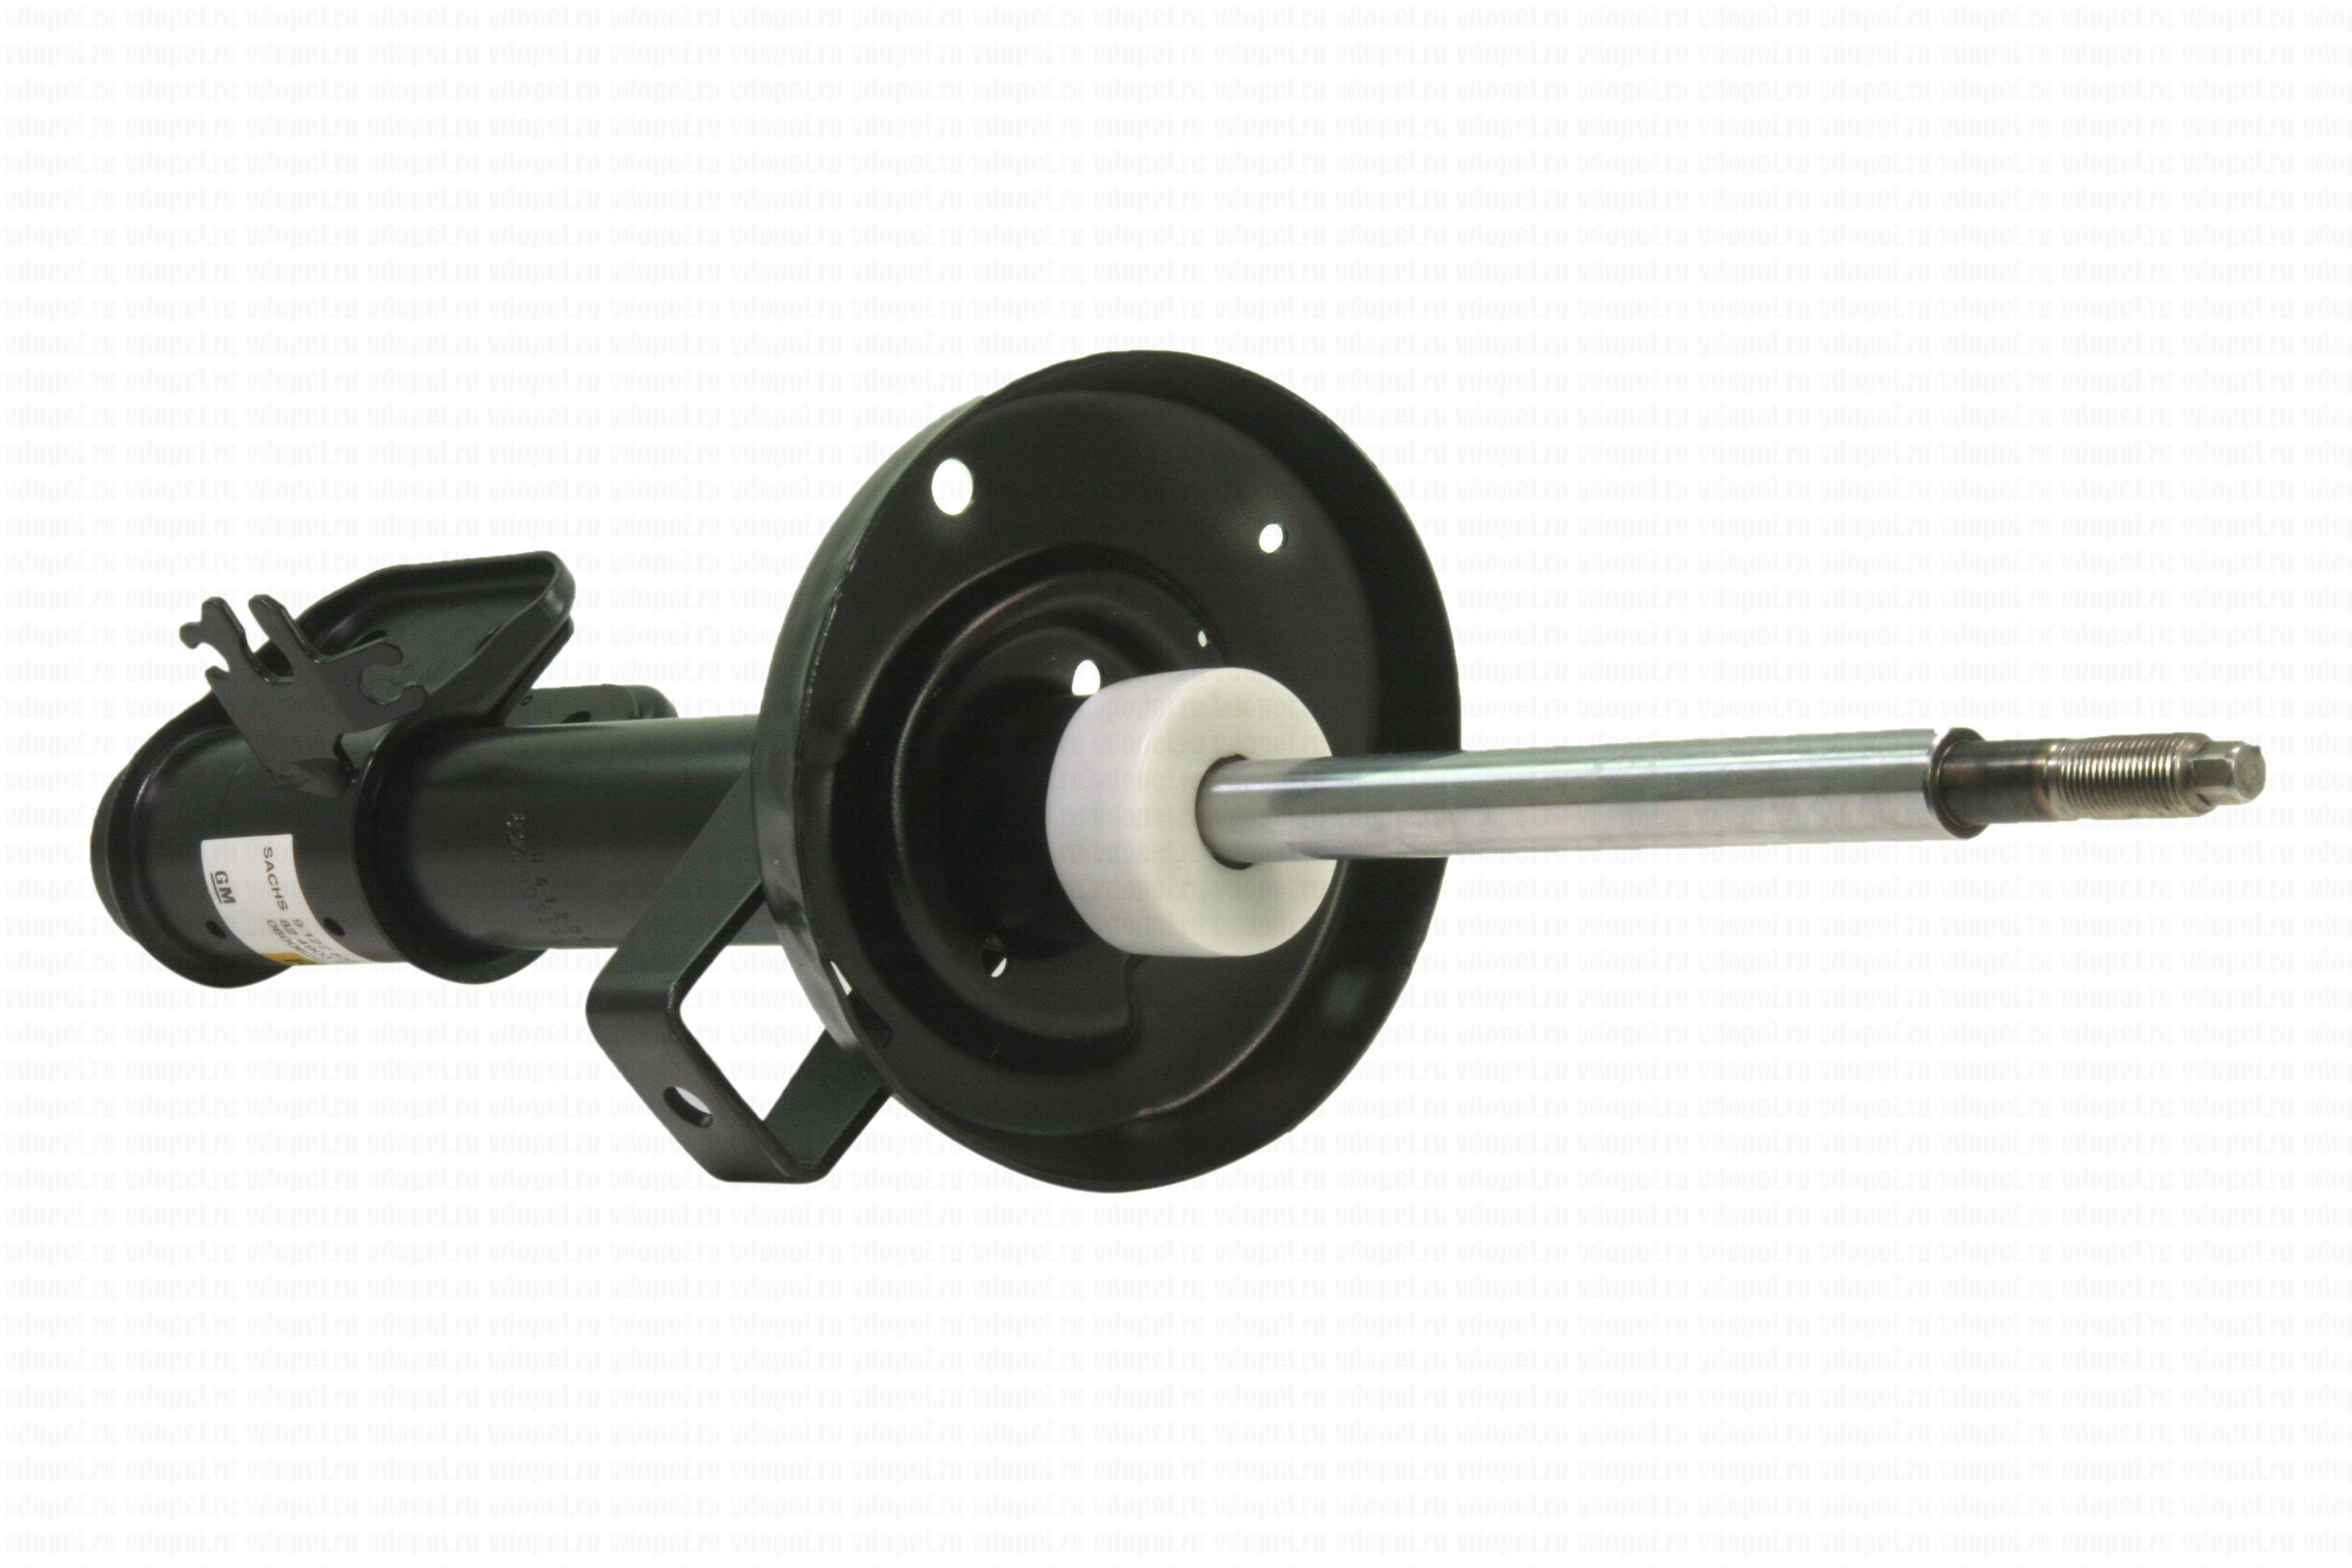 GM 9192250  - Амортизатор передний Омега В 2.0,2.5,3.0,2.5D (газовый) прав. GM